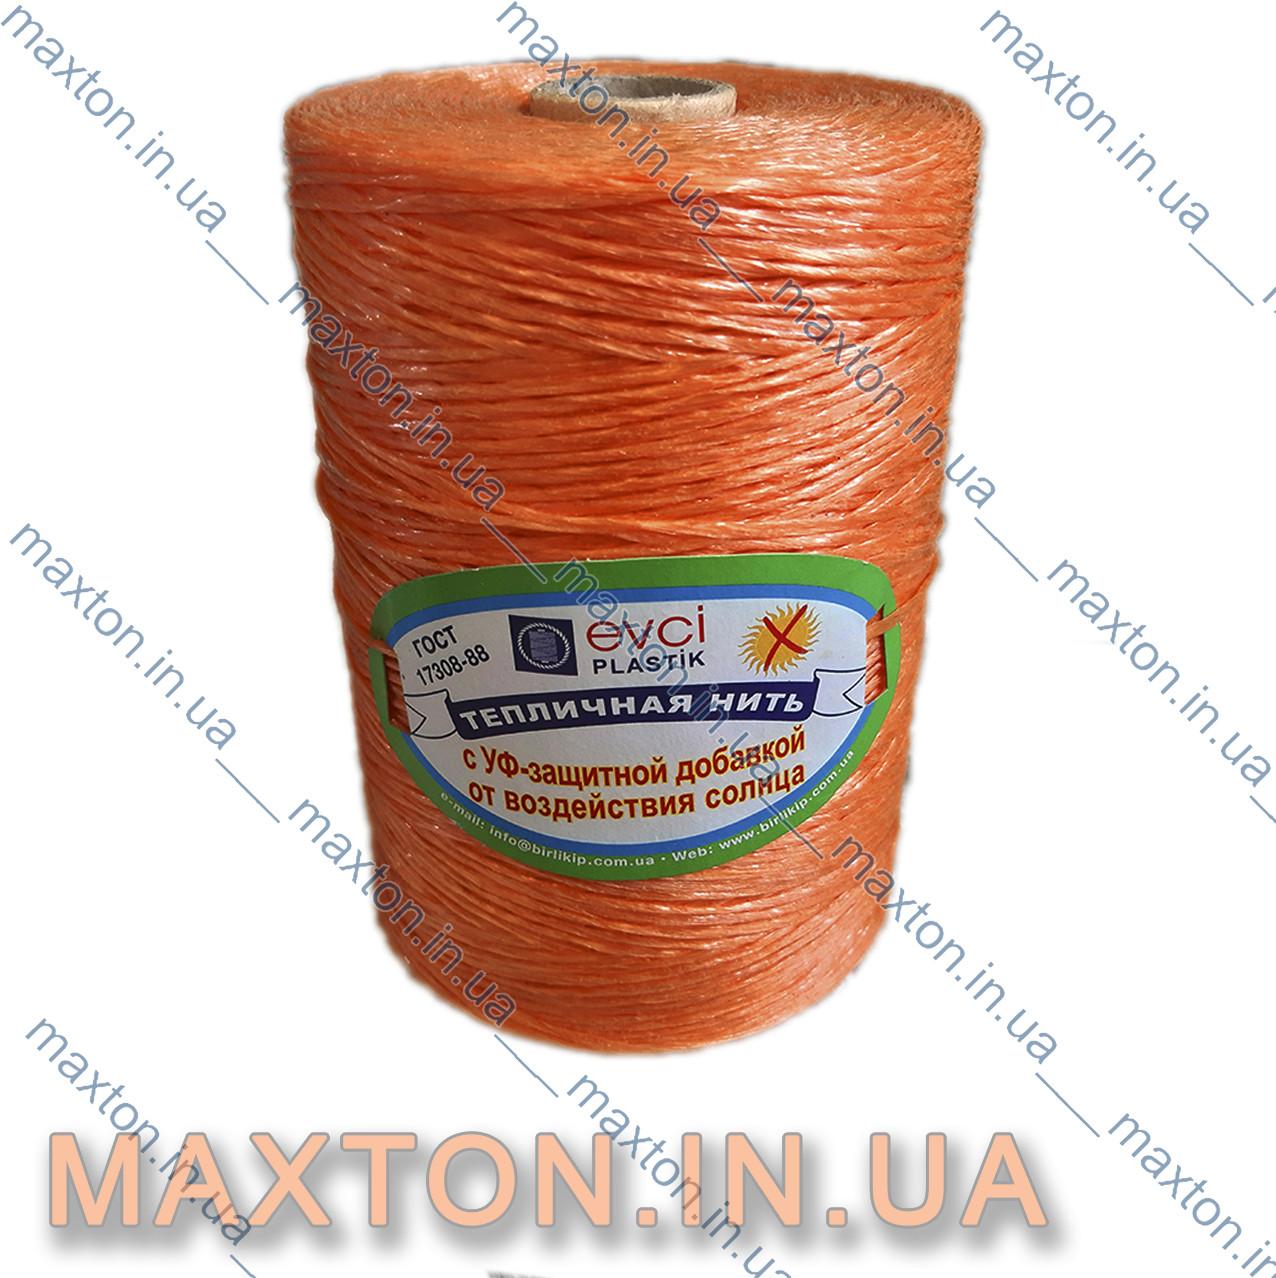 Шпагат подвязочный 500 грамм нить полипропиленовая с защитой от ультрафиолета оранжевый